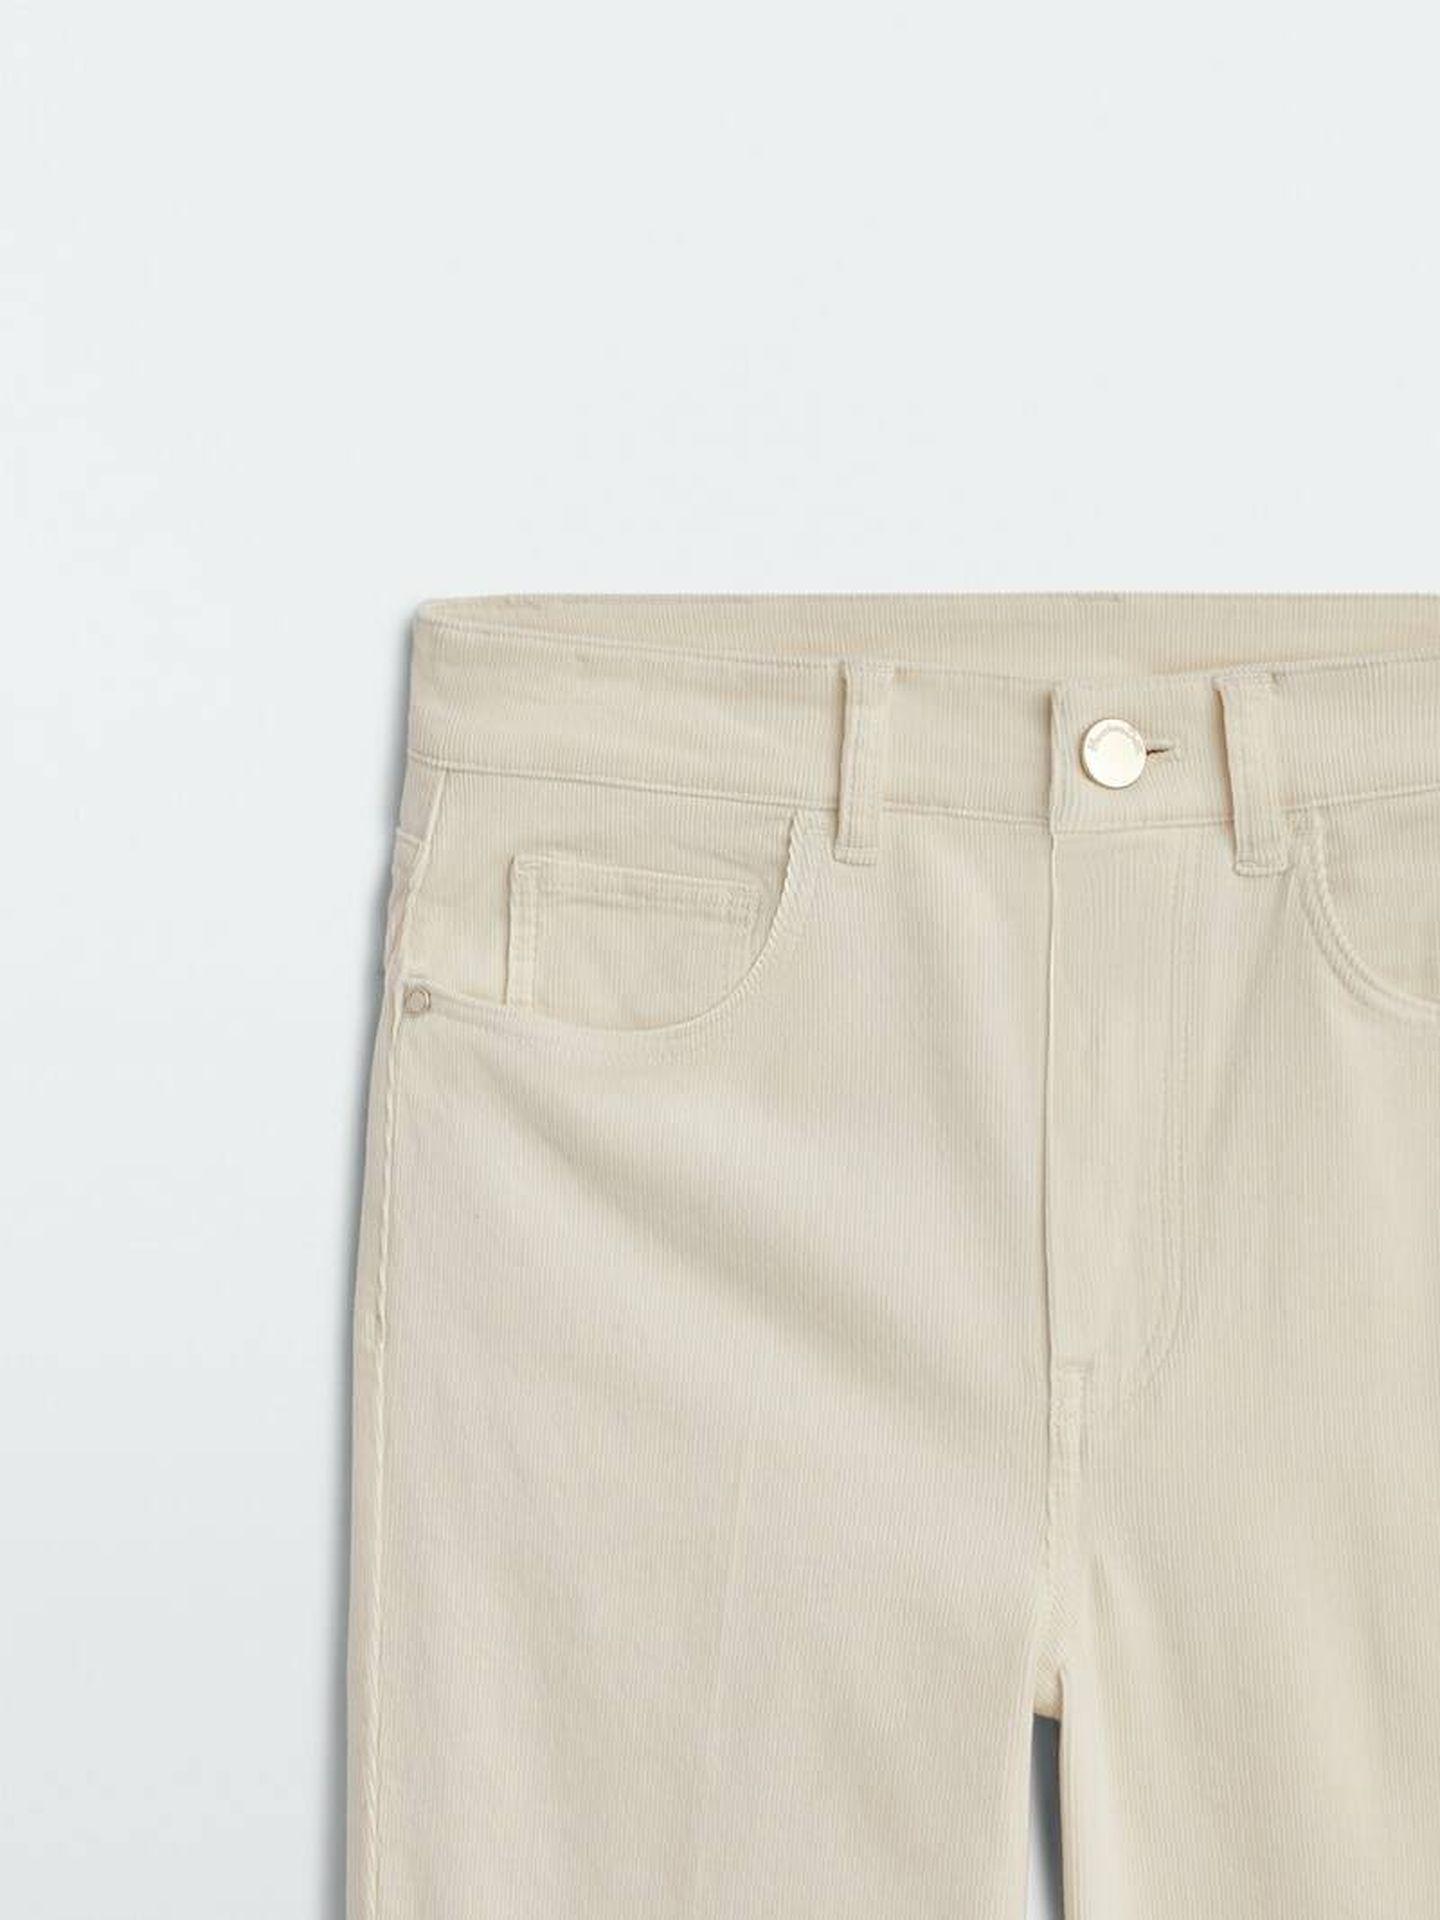 Pantalón de micropana de Massimo Dutti. (Cortesía)